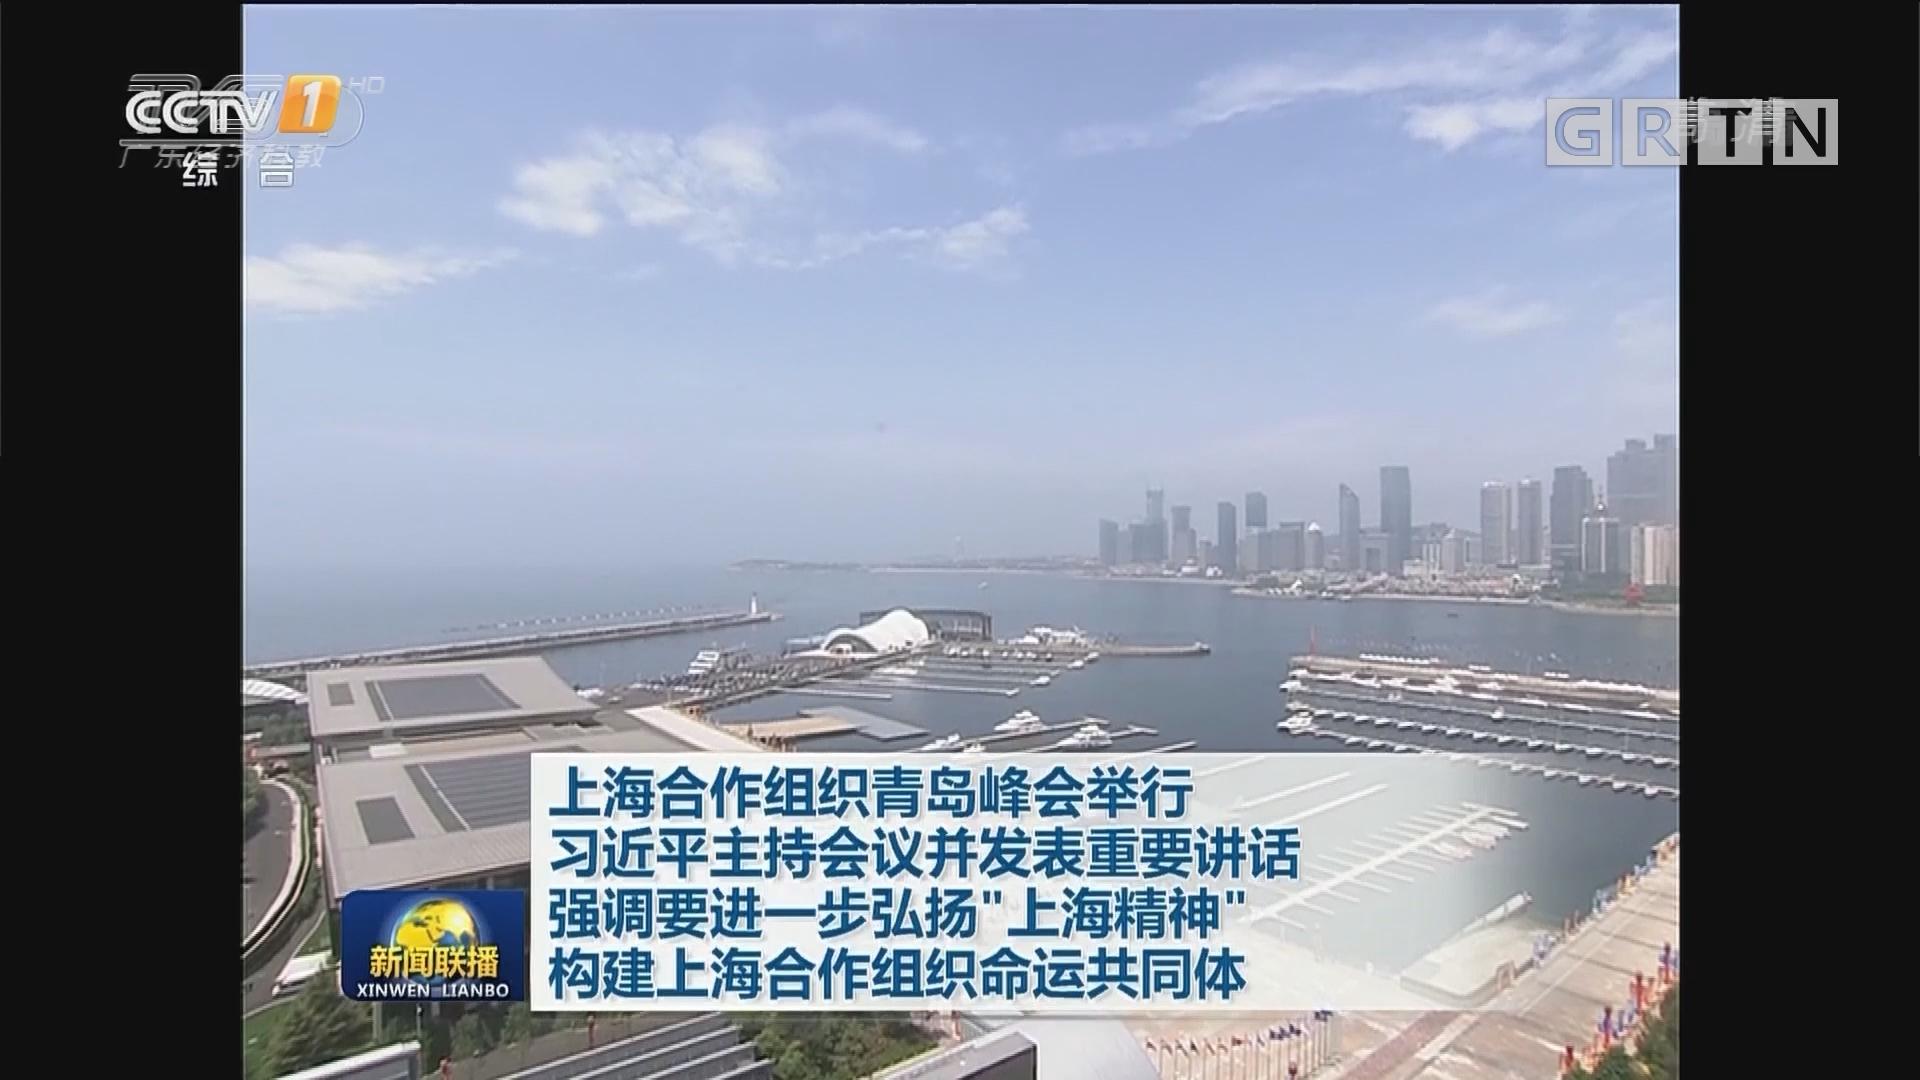 """上海合作组织青岛峰会举行 习近平主持会议并发表重要讲话 强调要进一步弘扬""""上海精神""""构建上海合作组织命运共同体"""